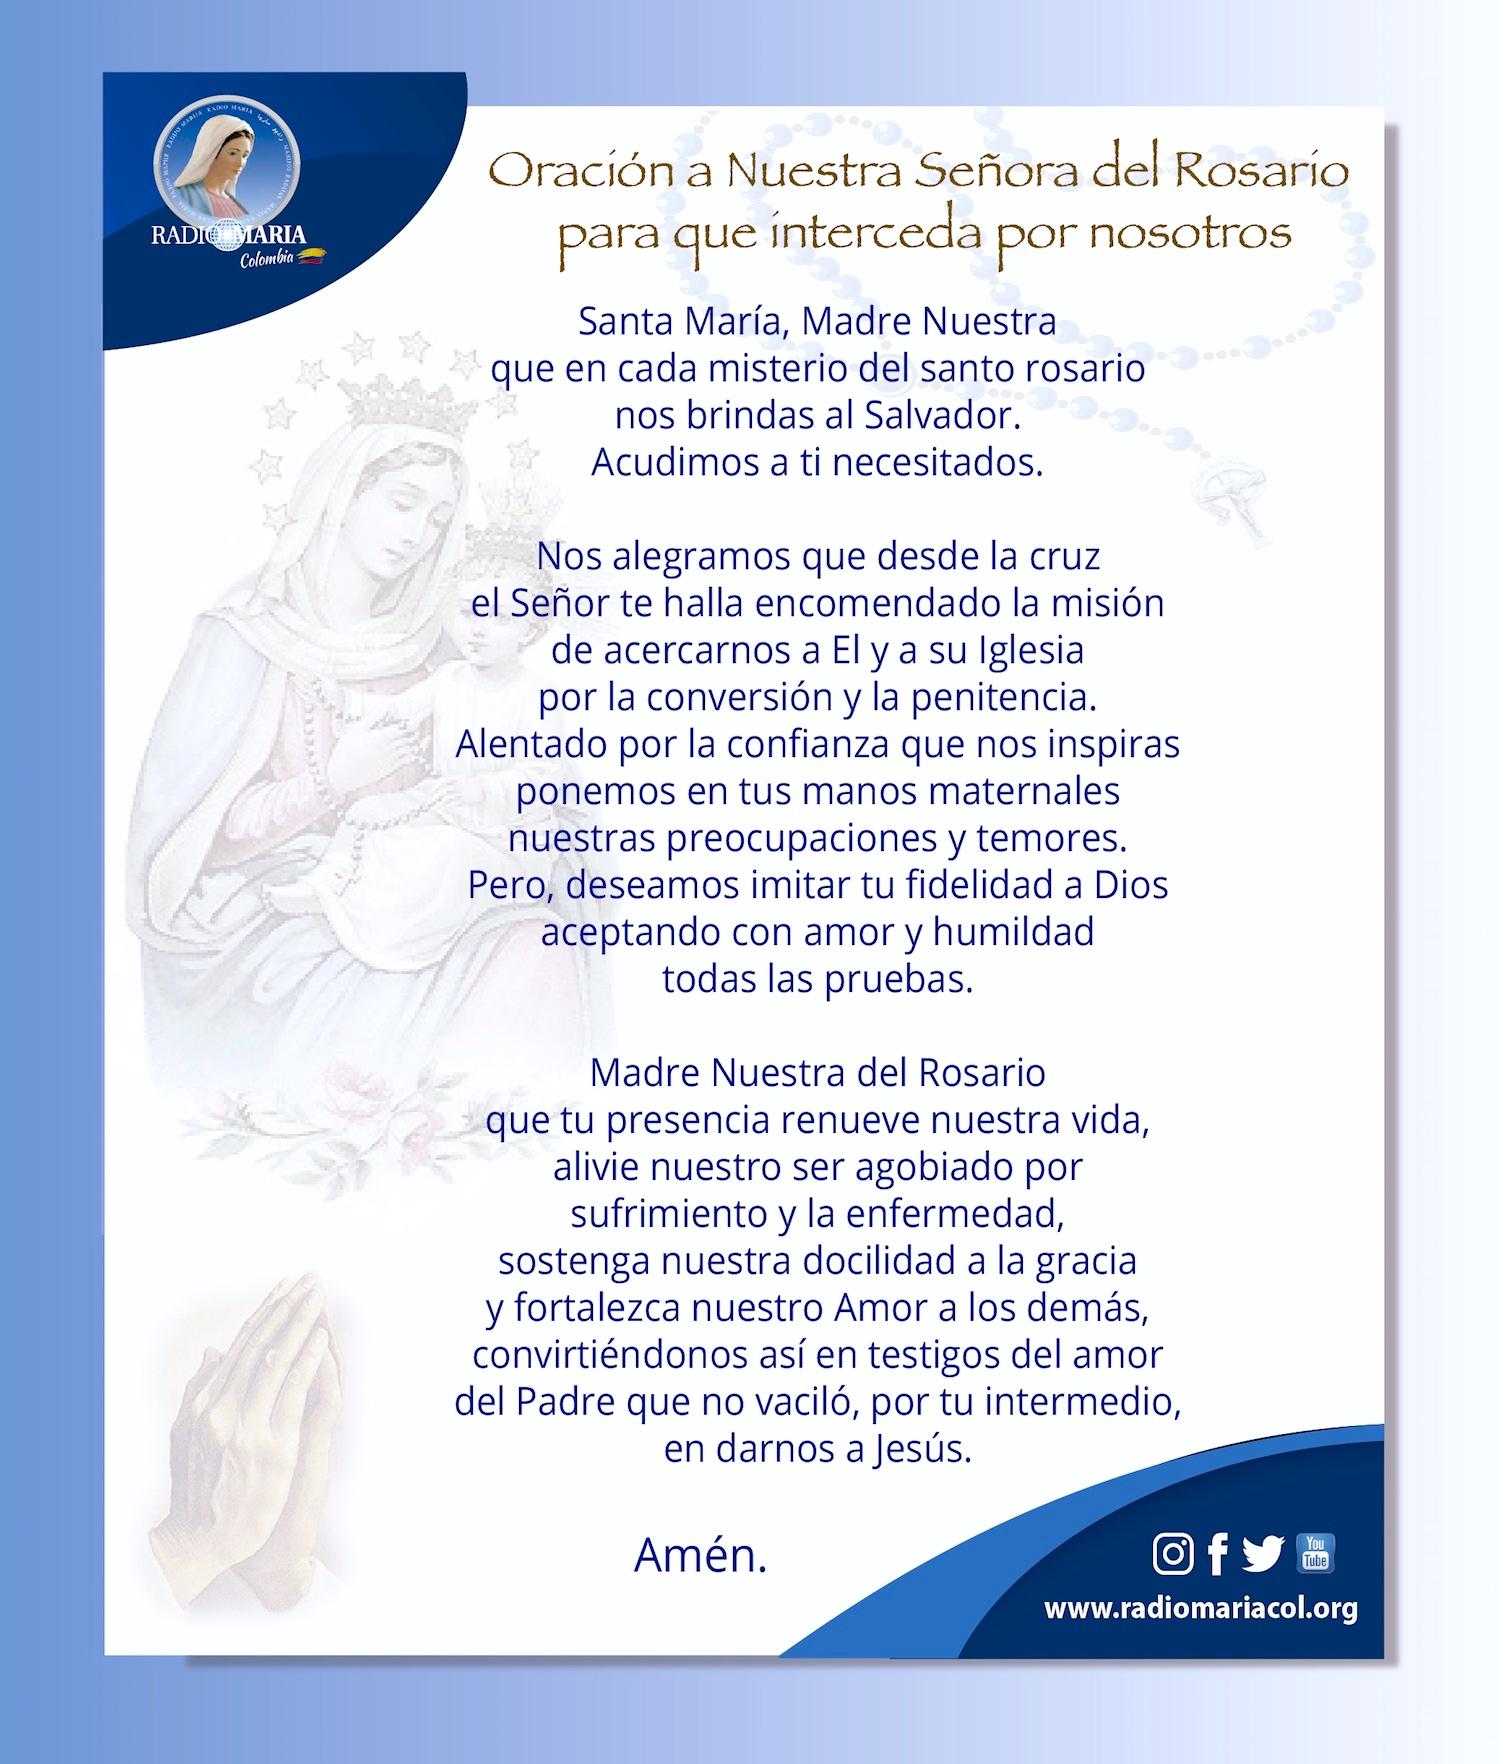 Oración a la Virgen del Rosario para que interceda por nosotros